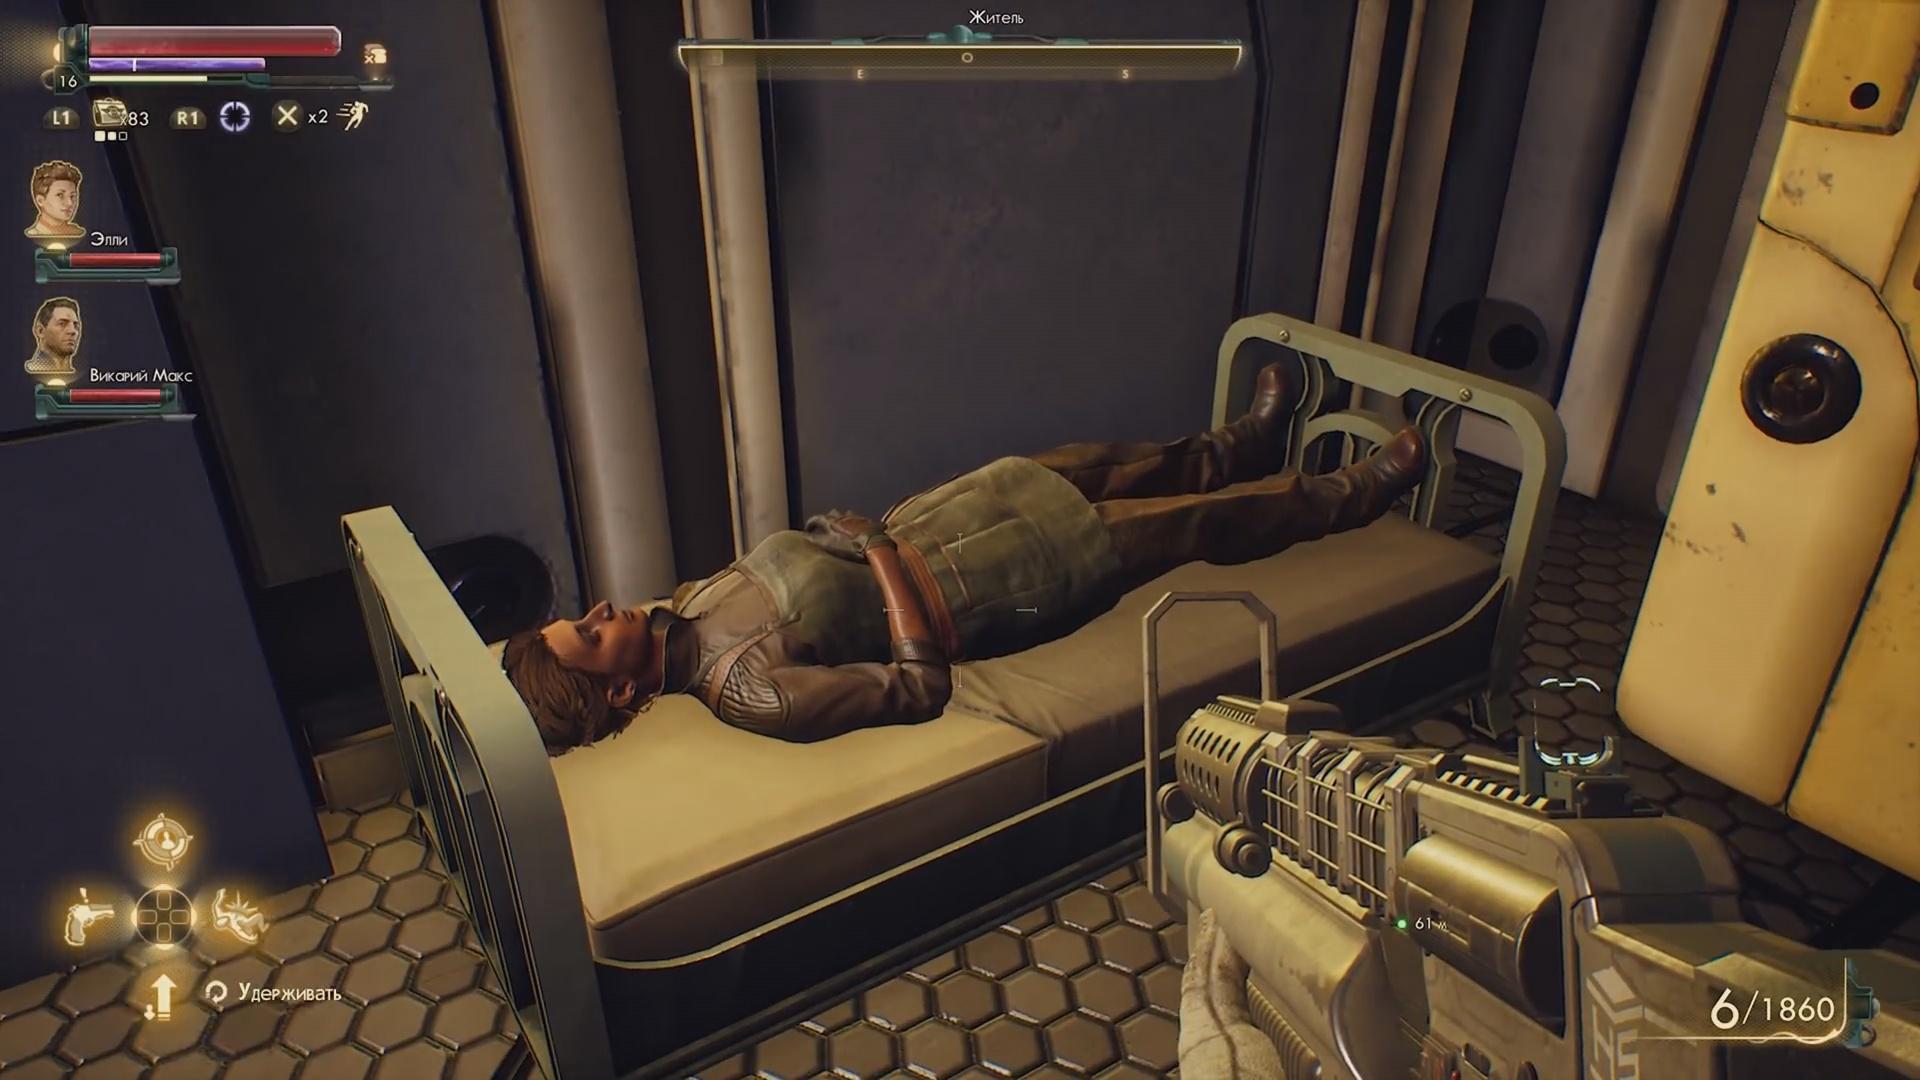 Обзор The Outer Worlds - не Fallout и это хорошо!. - Изображение 10